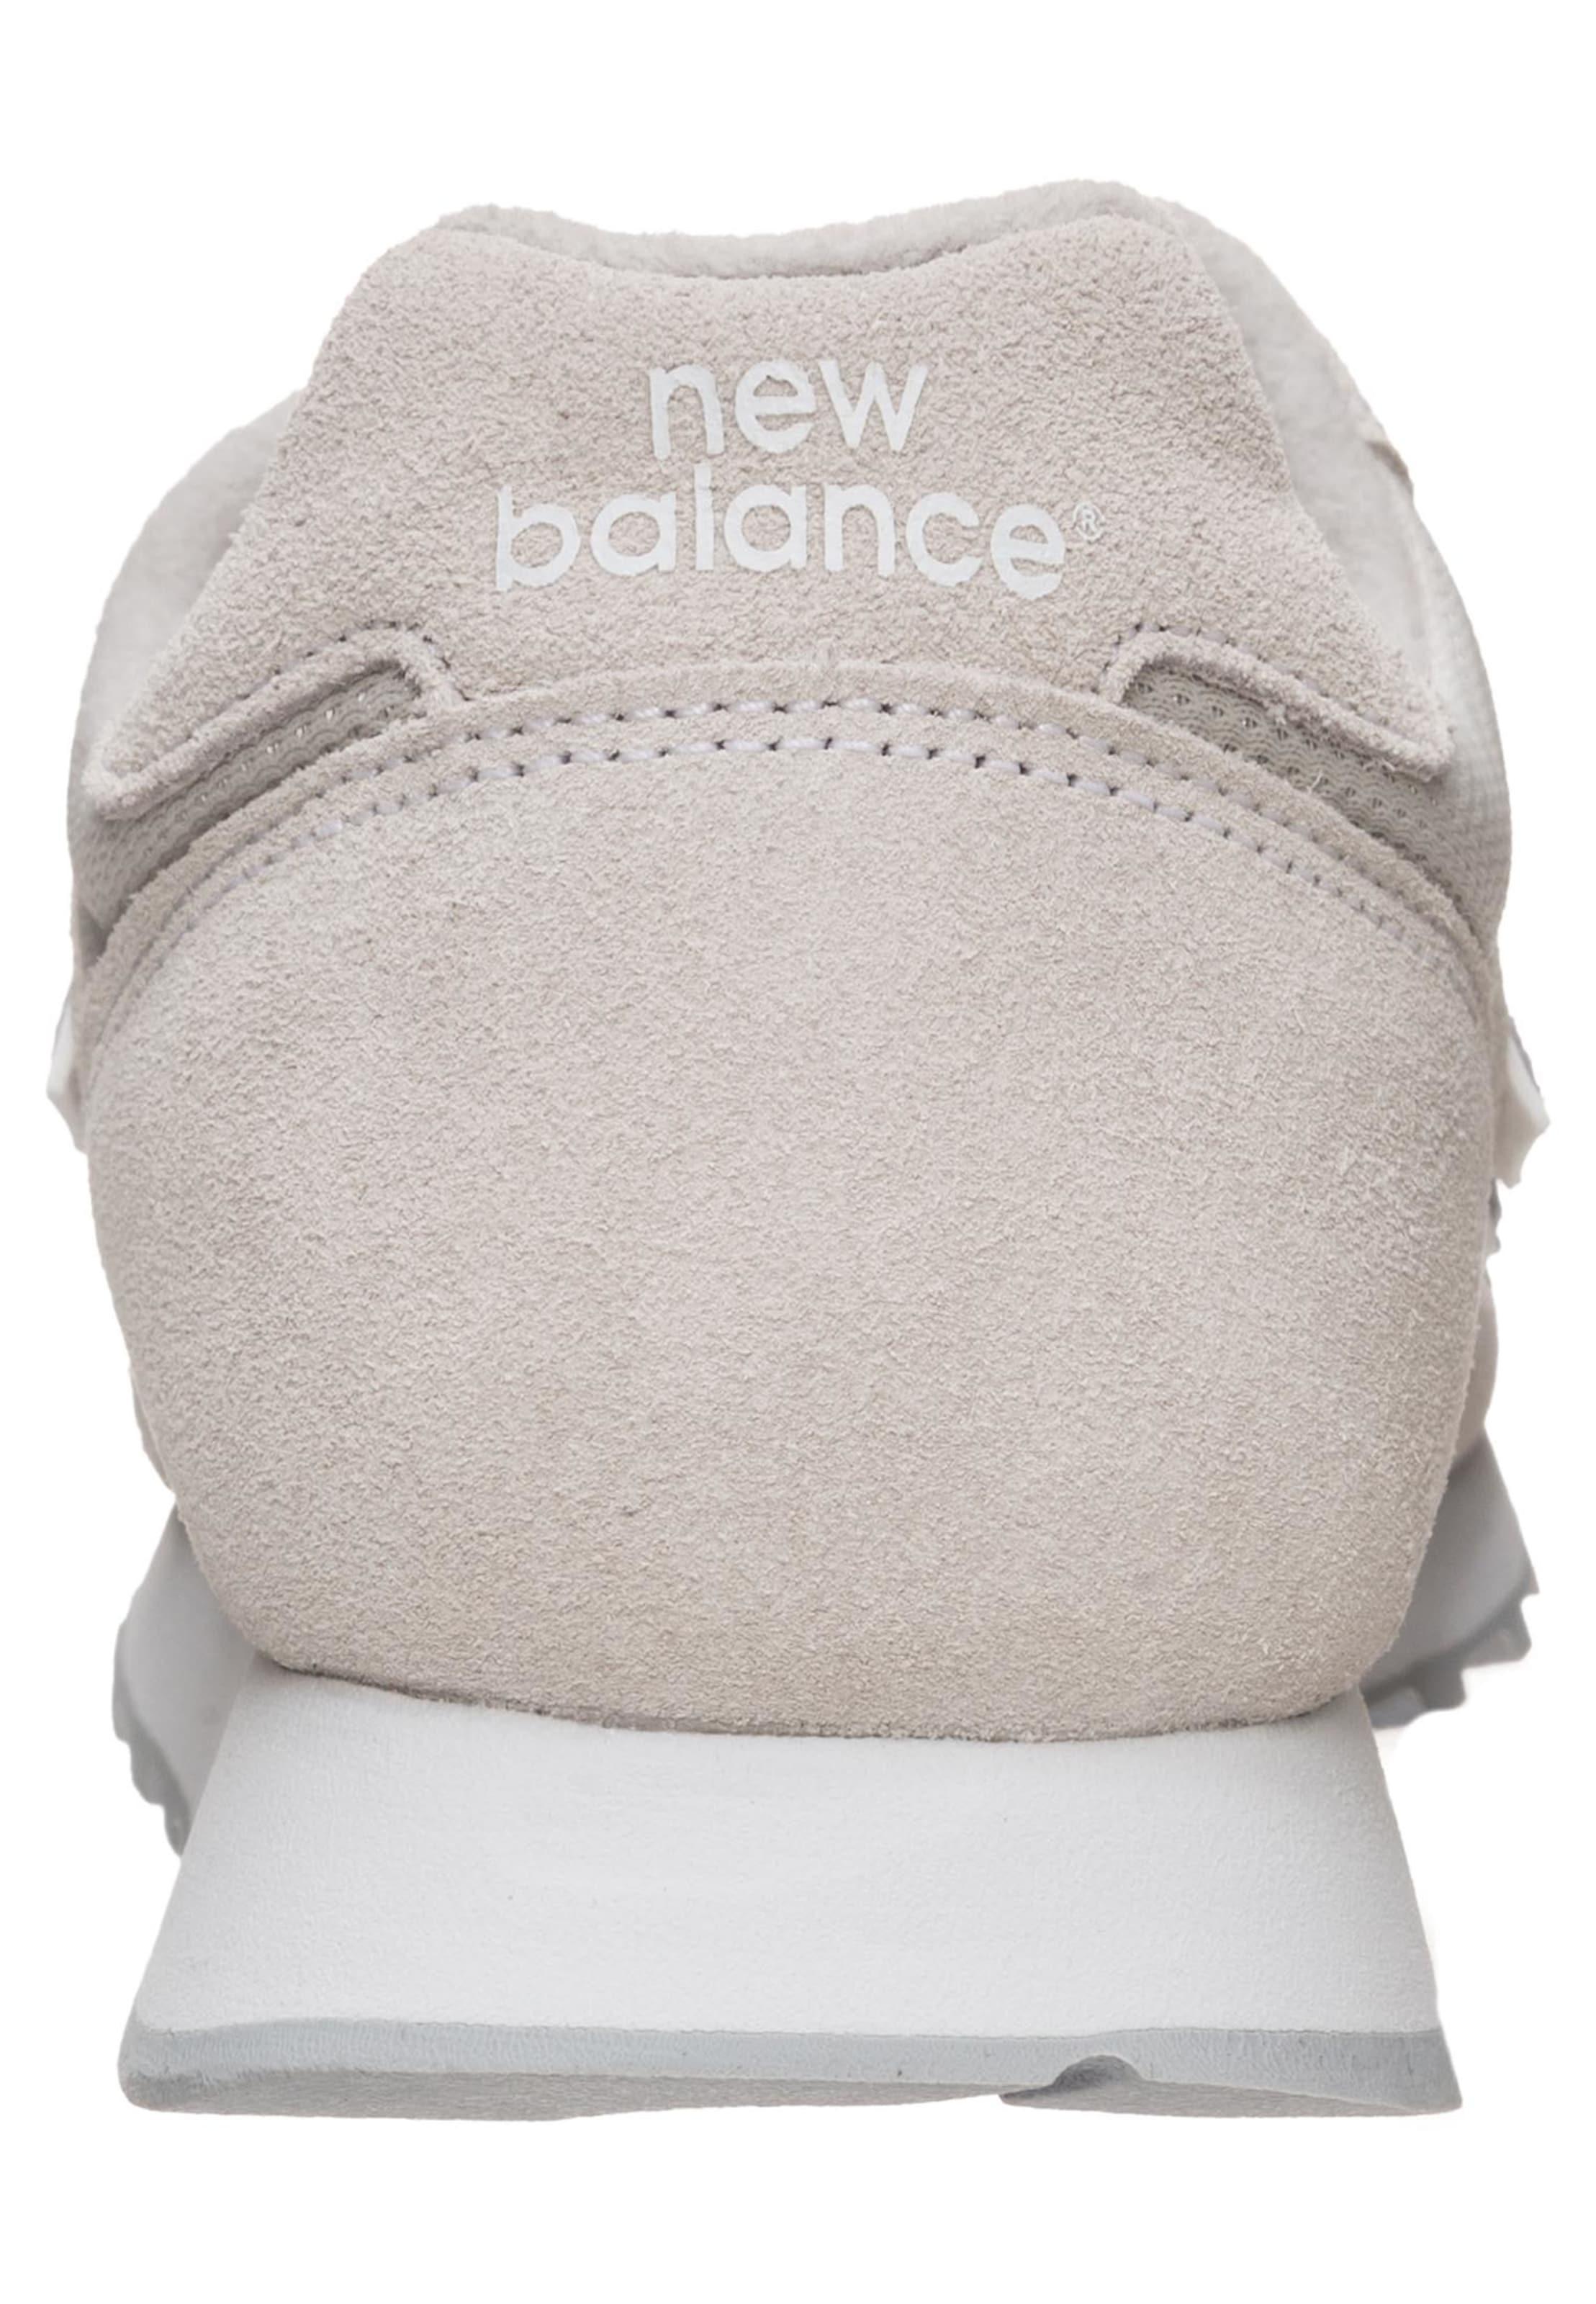 Crème 'wl373 Balance New Baskets En mbb b' Basses qzSGUVpM